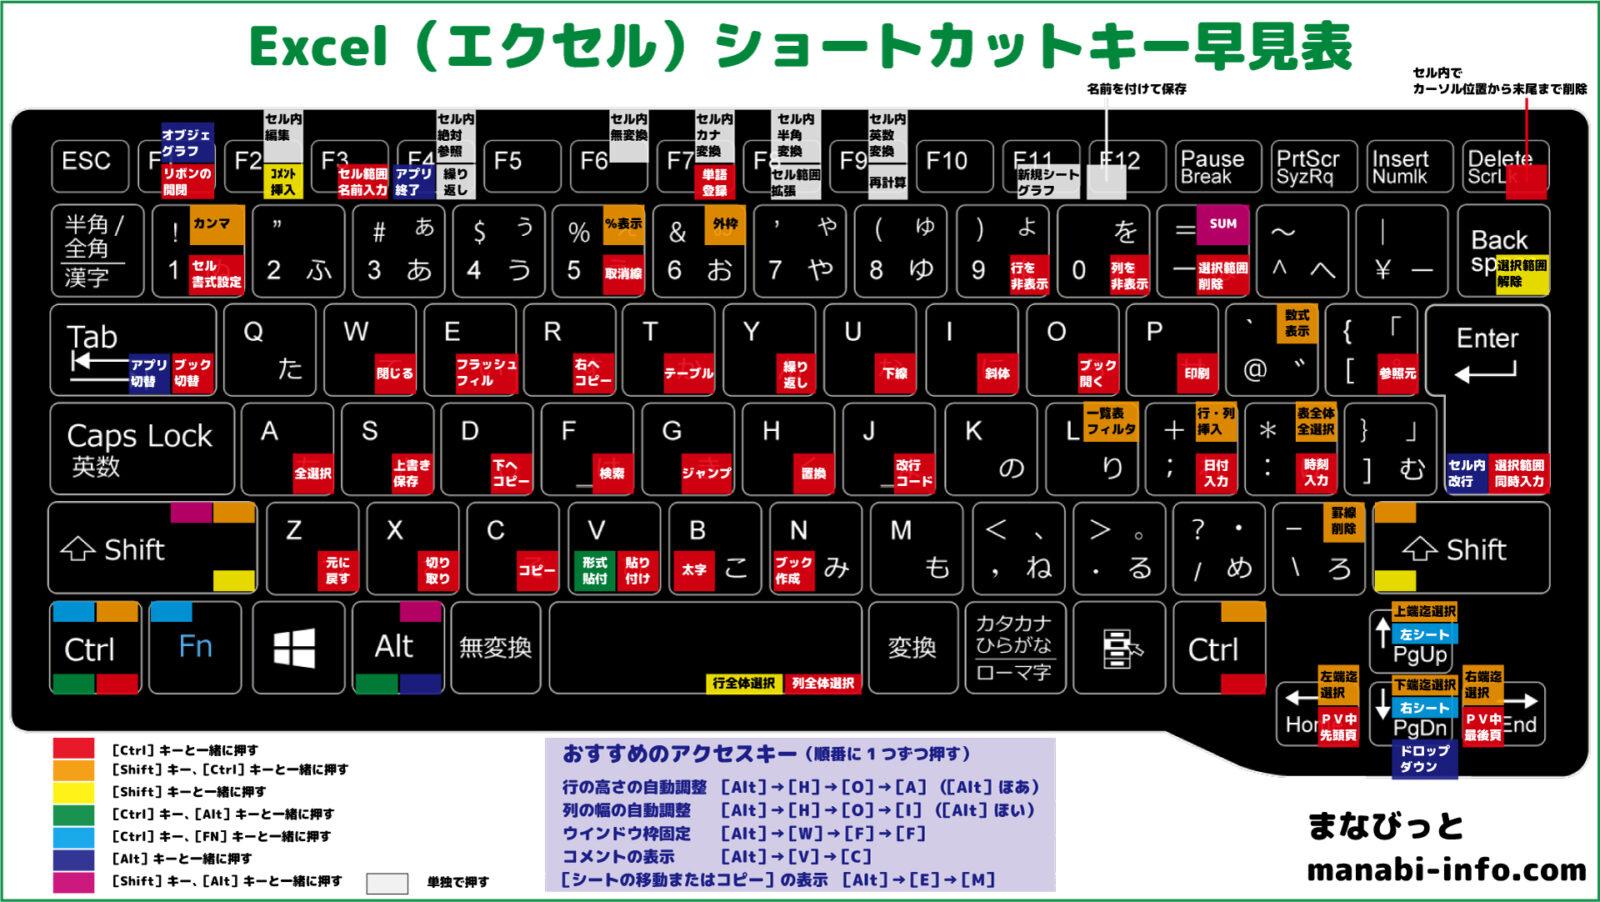 ショートカット キー 早見 表 ワード・ショートカットキー鍵盤早見表